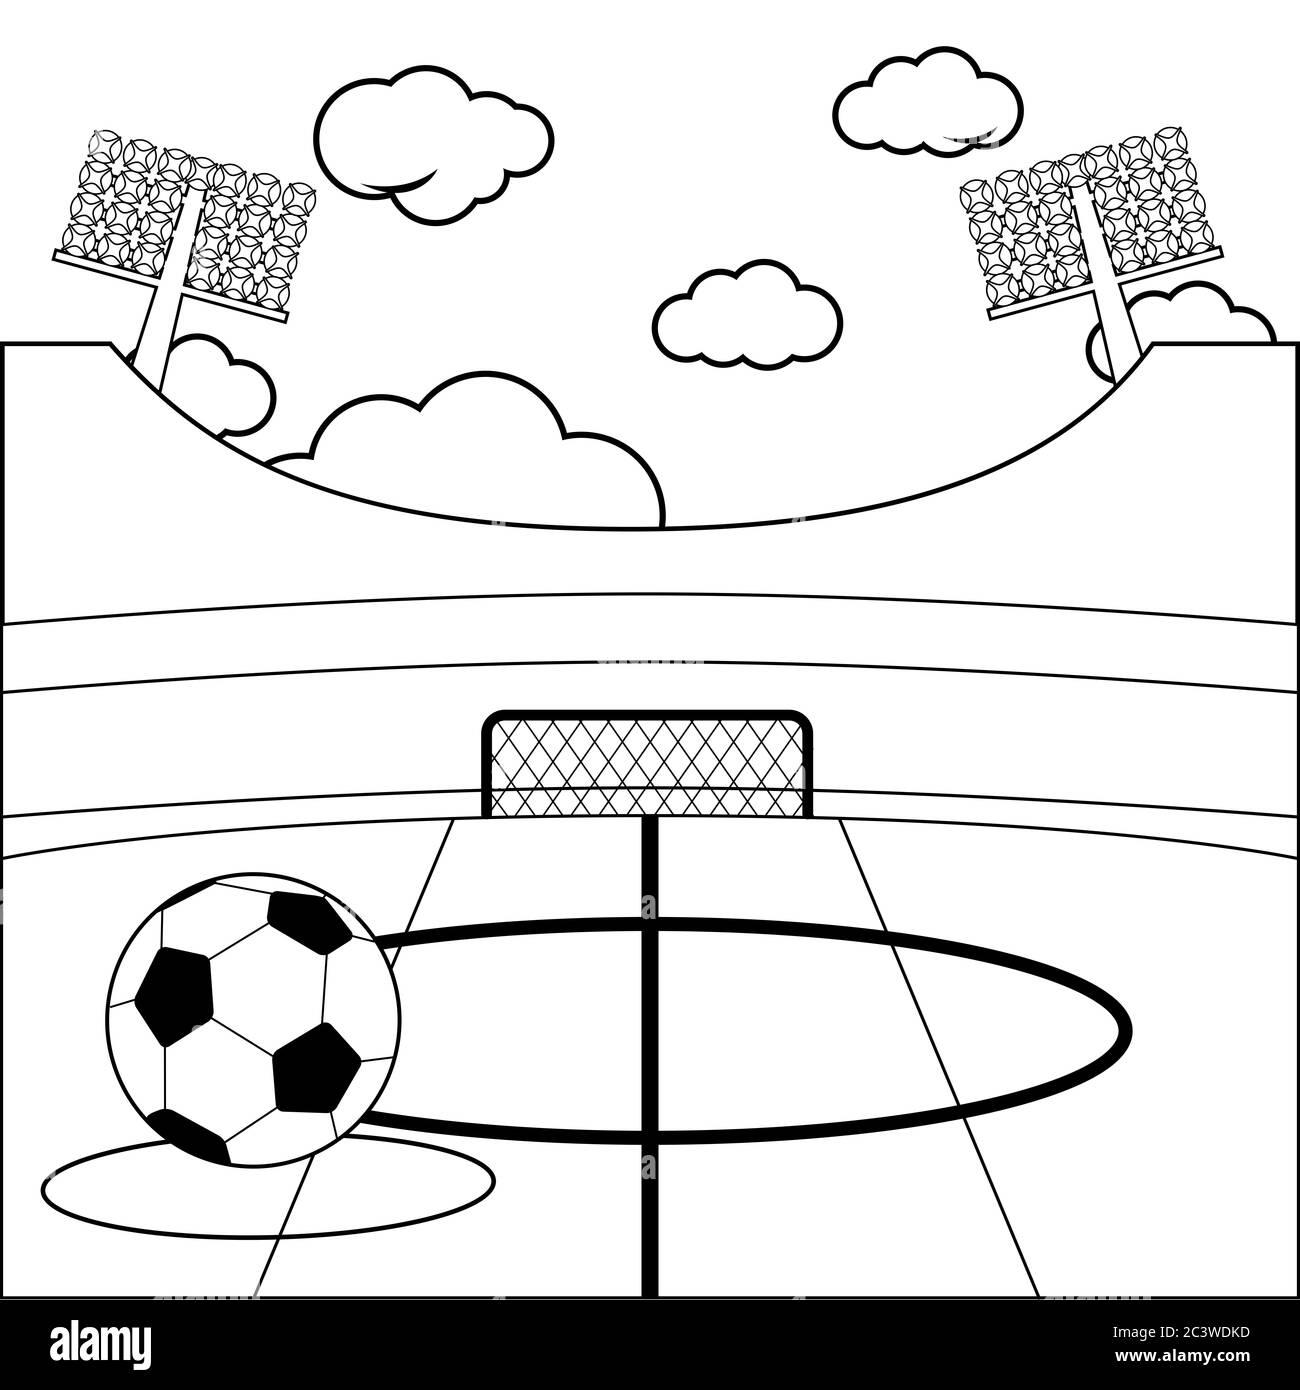 Fussballstadion Und Einen Fussball Schwarz Weiss Malseite Stockfotografie Alamy